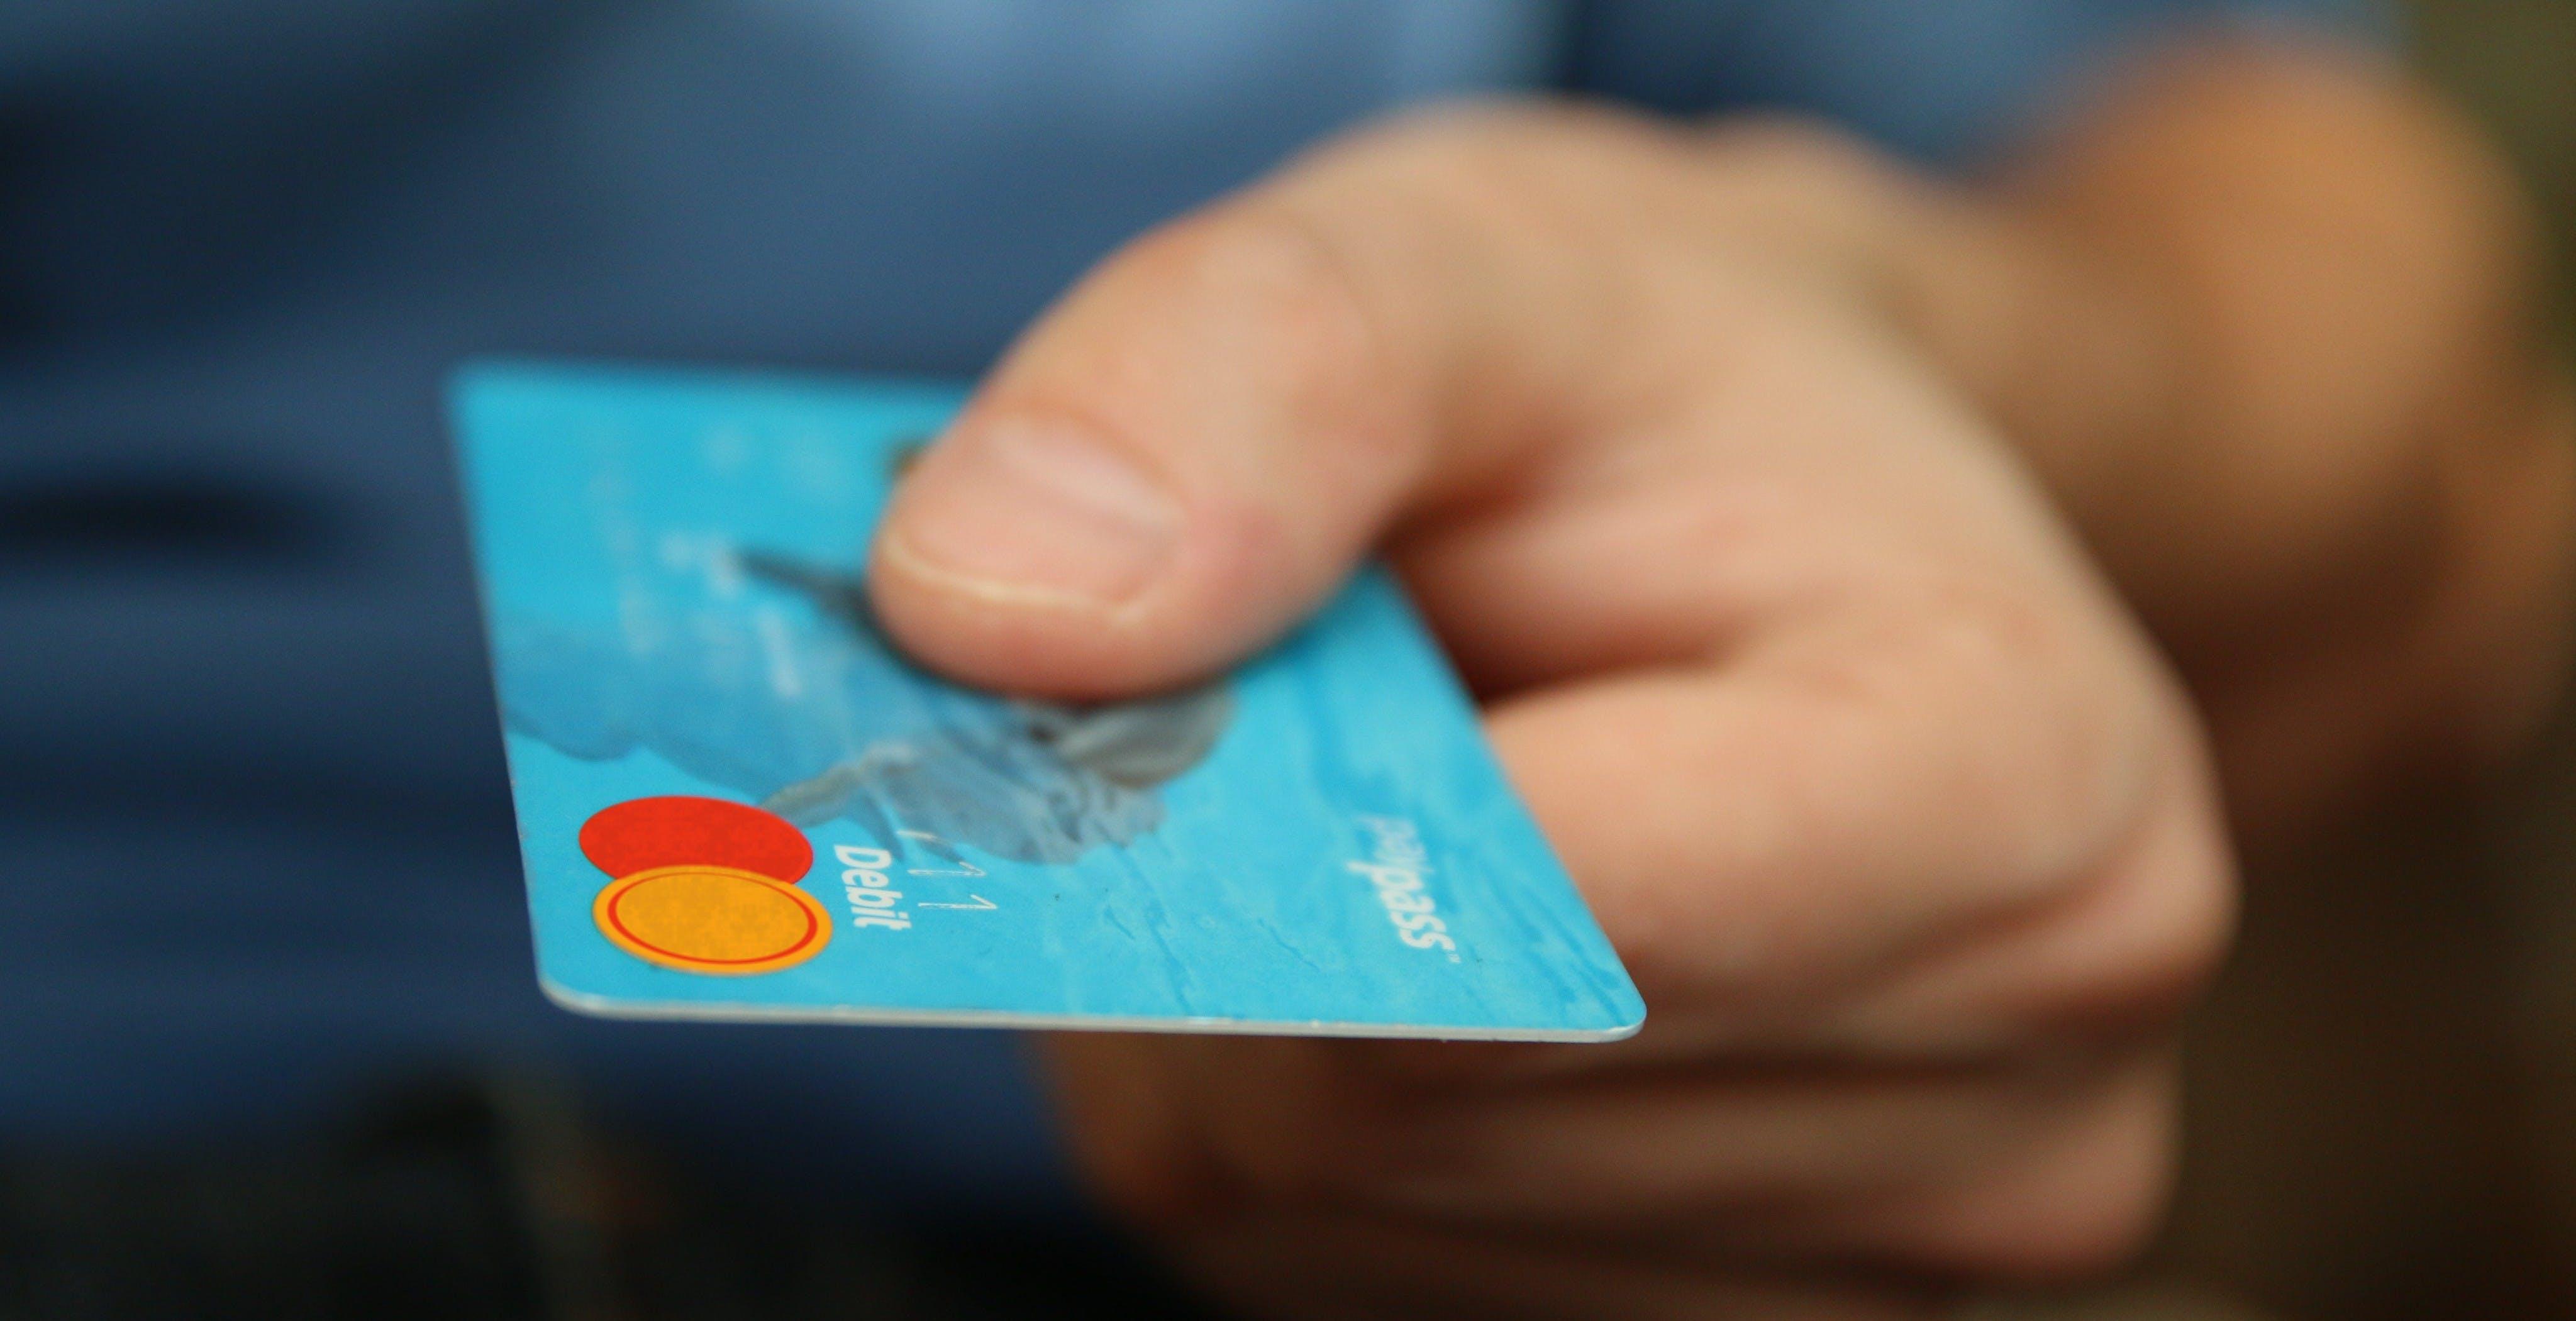 Perché il cashback di Stato è saltato e perché è giusto così